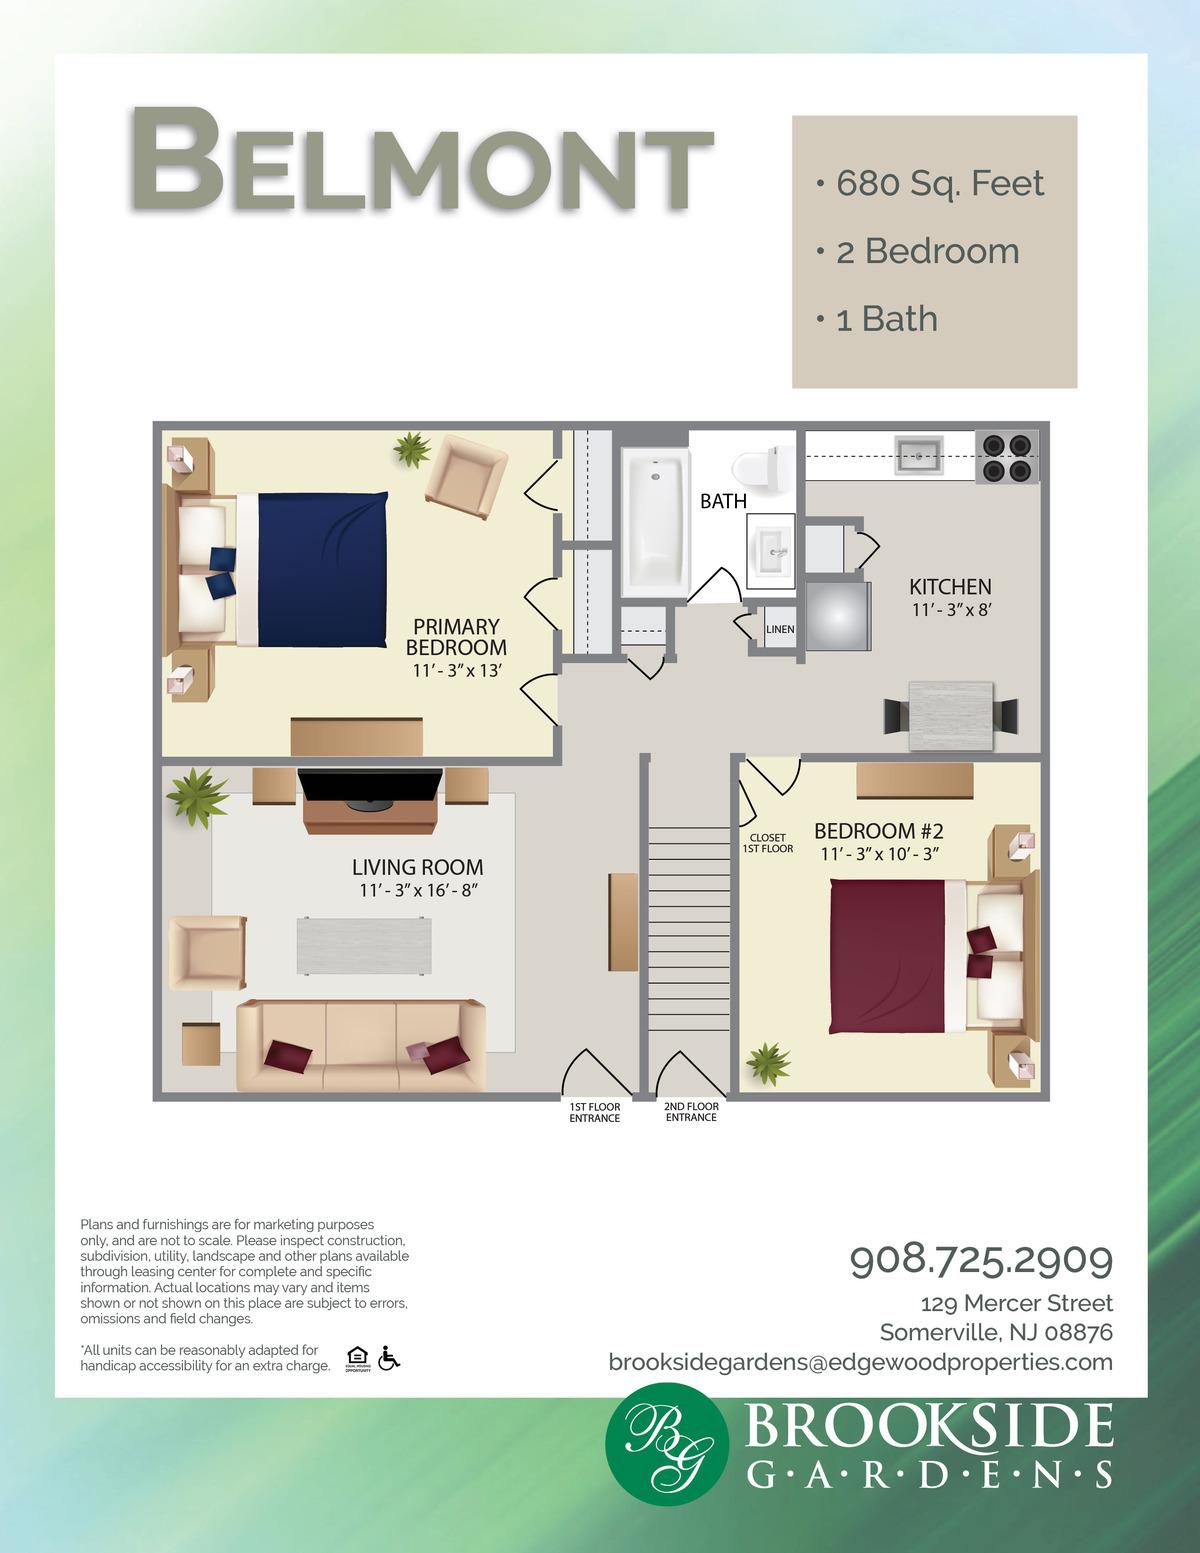 Brookside Gardens Belmont Floor Plans